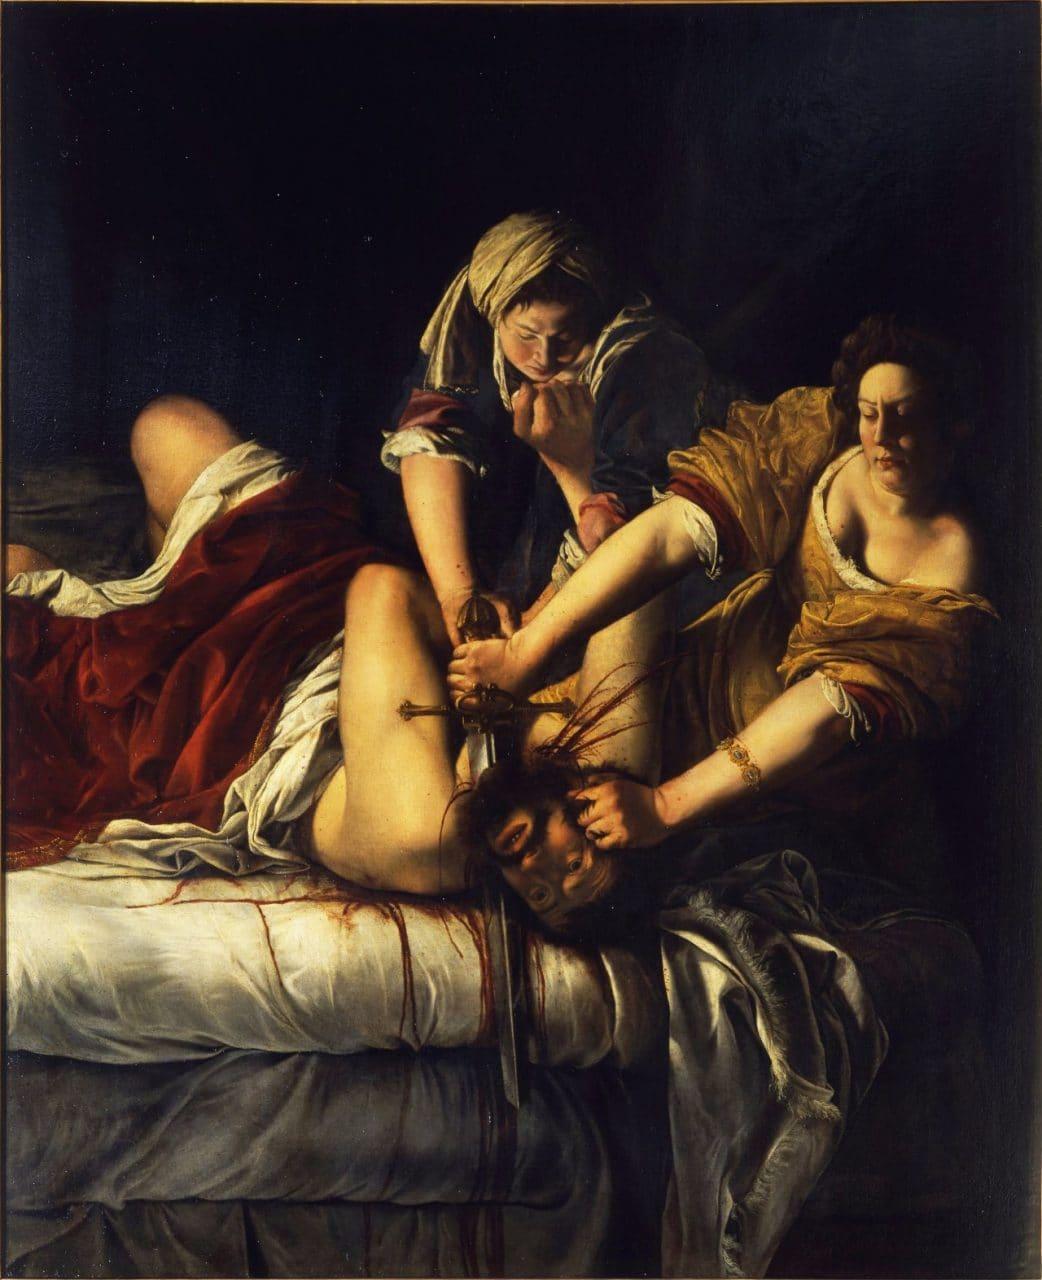 유디트와 홀로페르네스(Judith and Holofernes) - 아르테미시아 젠틸레스키(Artemisia Gentileschi), 1620